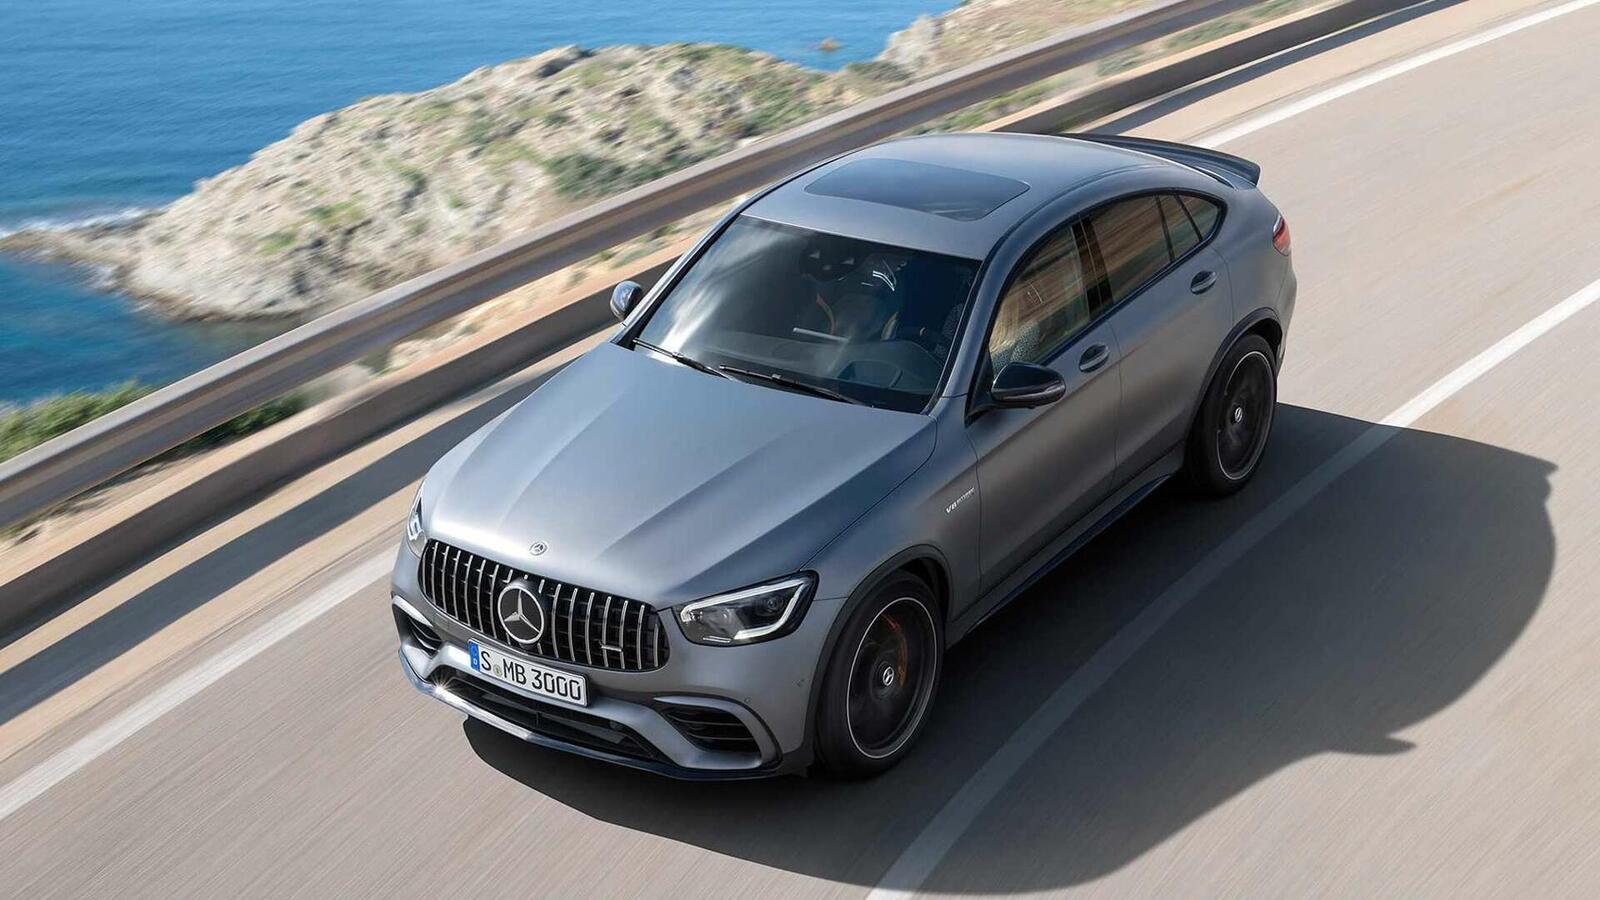 Mercedes-AMG giới thiệu GLC và GLC Coupe 63 mới lắp động cơ V8 4.0L Biturbo mạnh hơn 460 mã lực - Hình 25